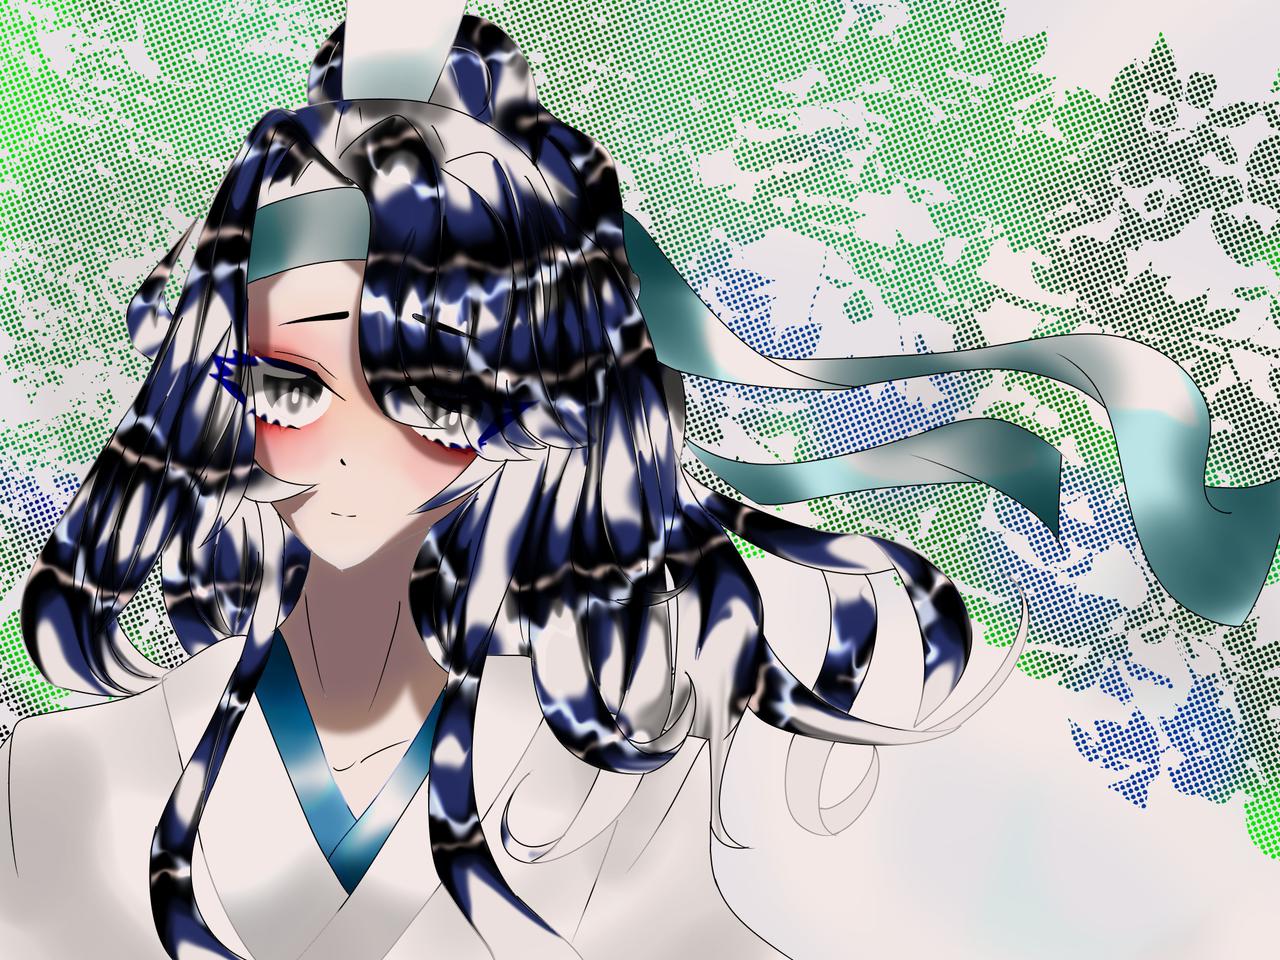 藍思追!! Illust of 如月来蕾 シニソウダオ medibangpaint 小説 MoDaoZuShi anime 藍氏